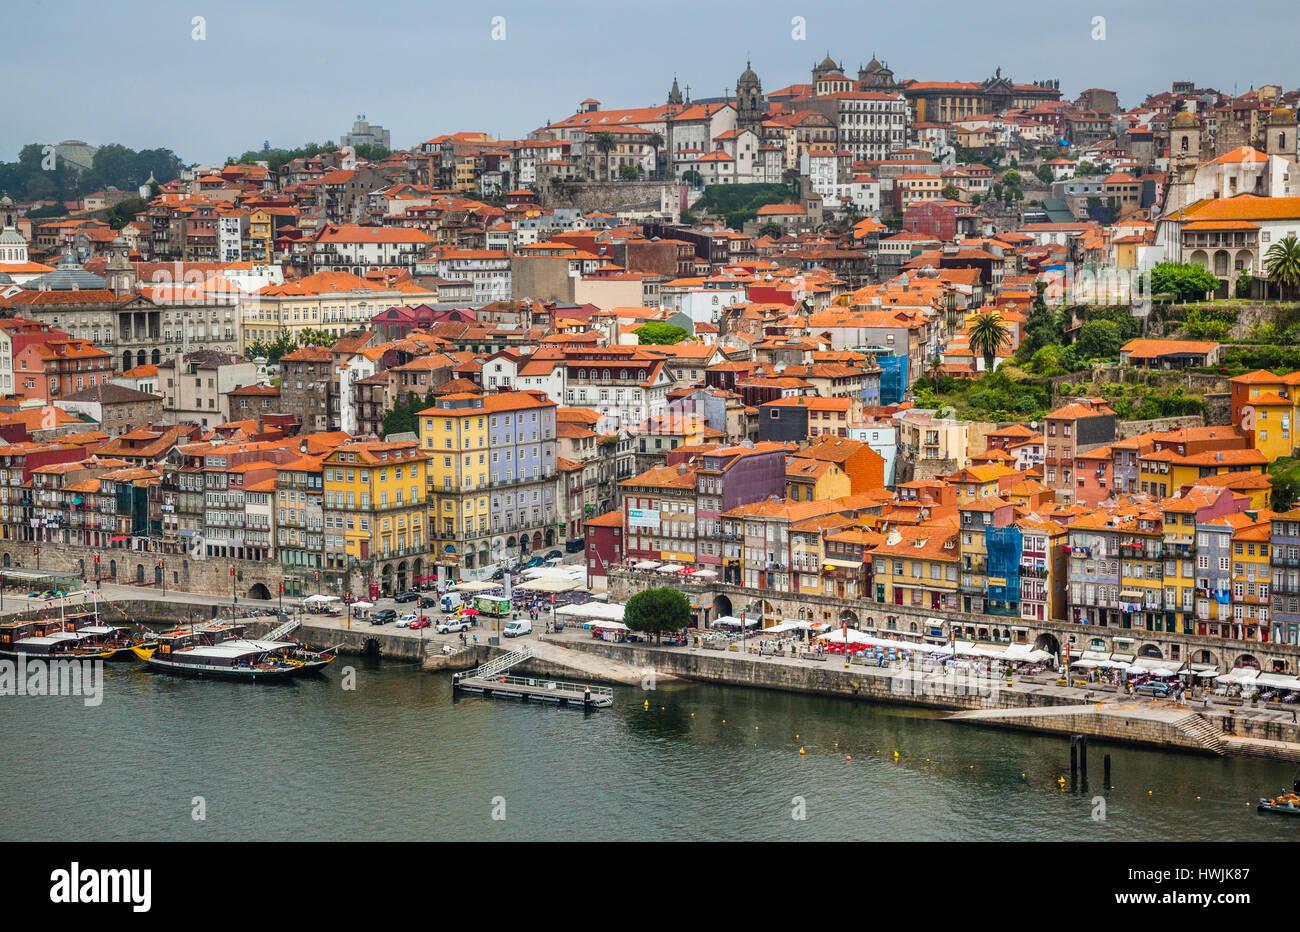 Portugal, Region Norte, Porto, view of the riverfront promenade Cais da Ribeira and Ribeira Square at historical - Stock Image